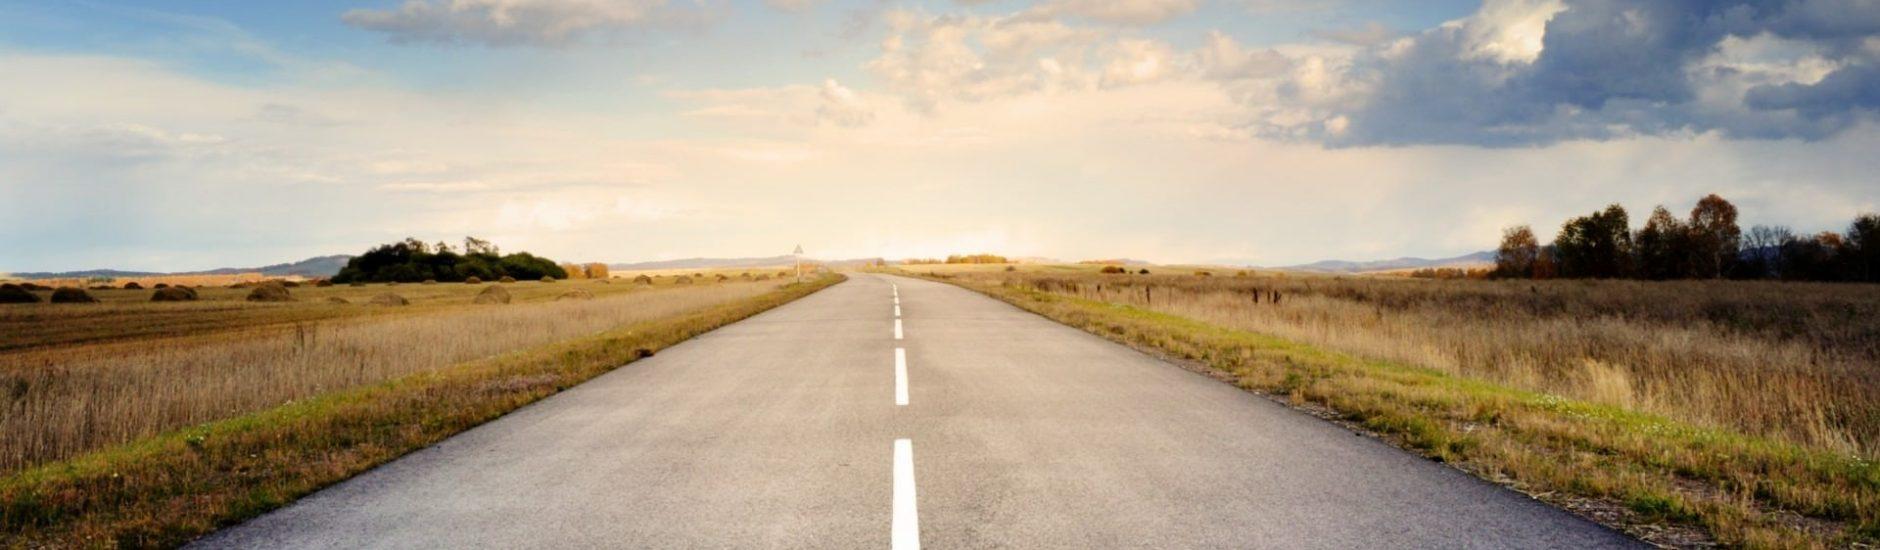 open road Somerset